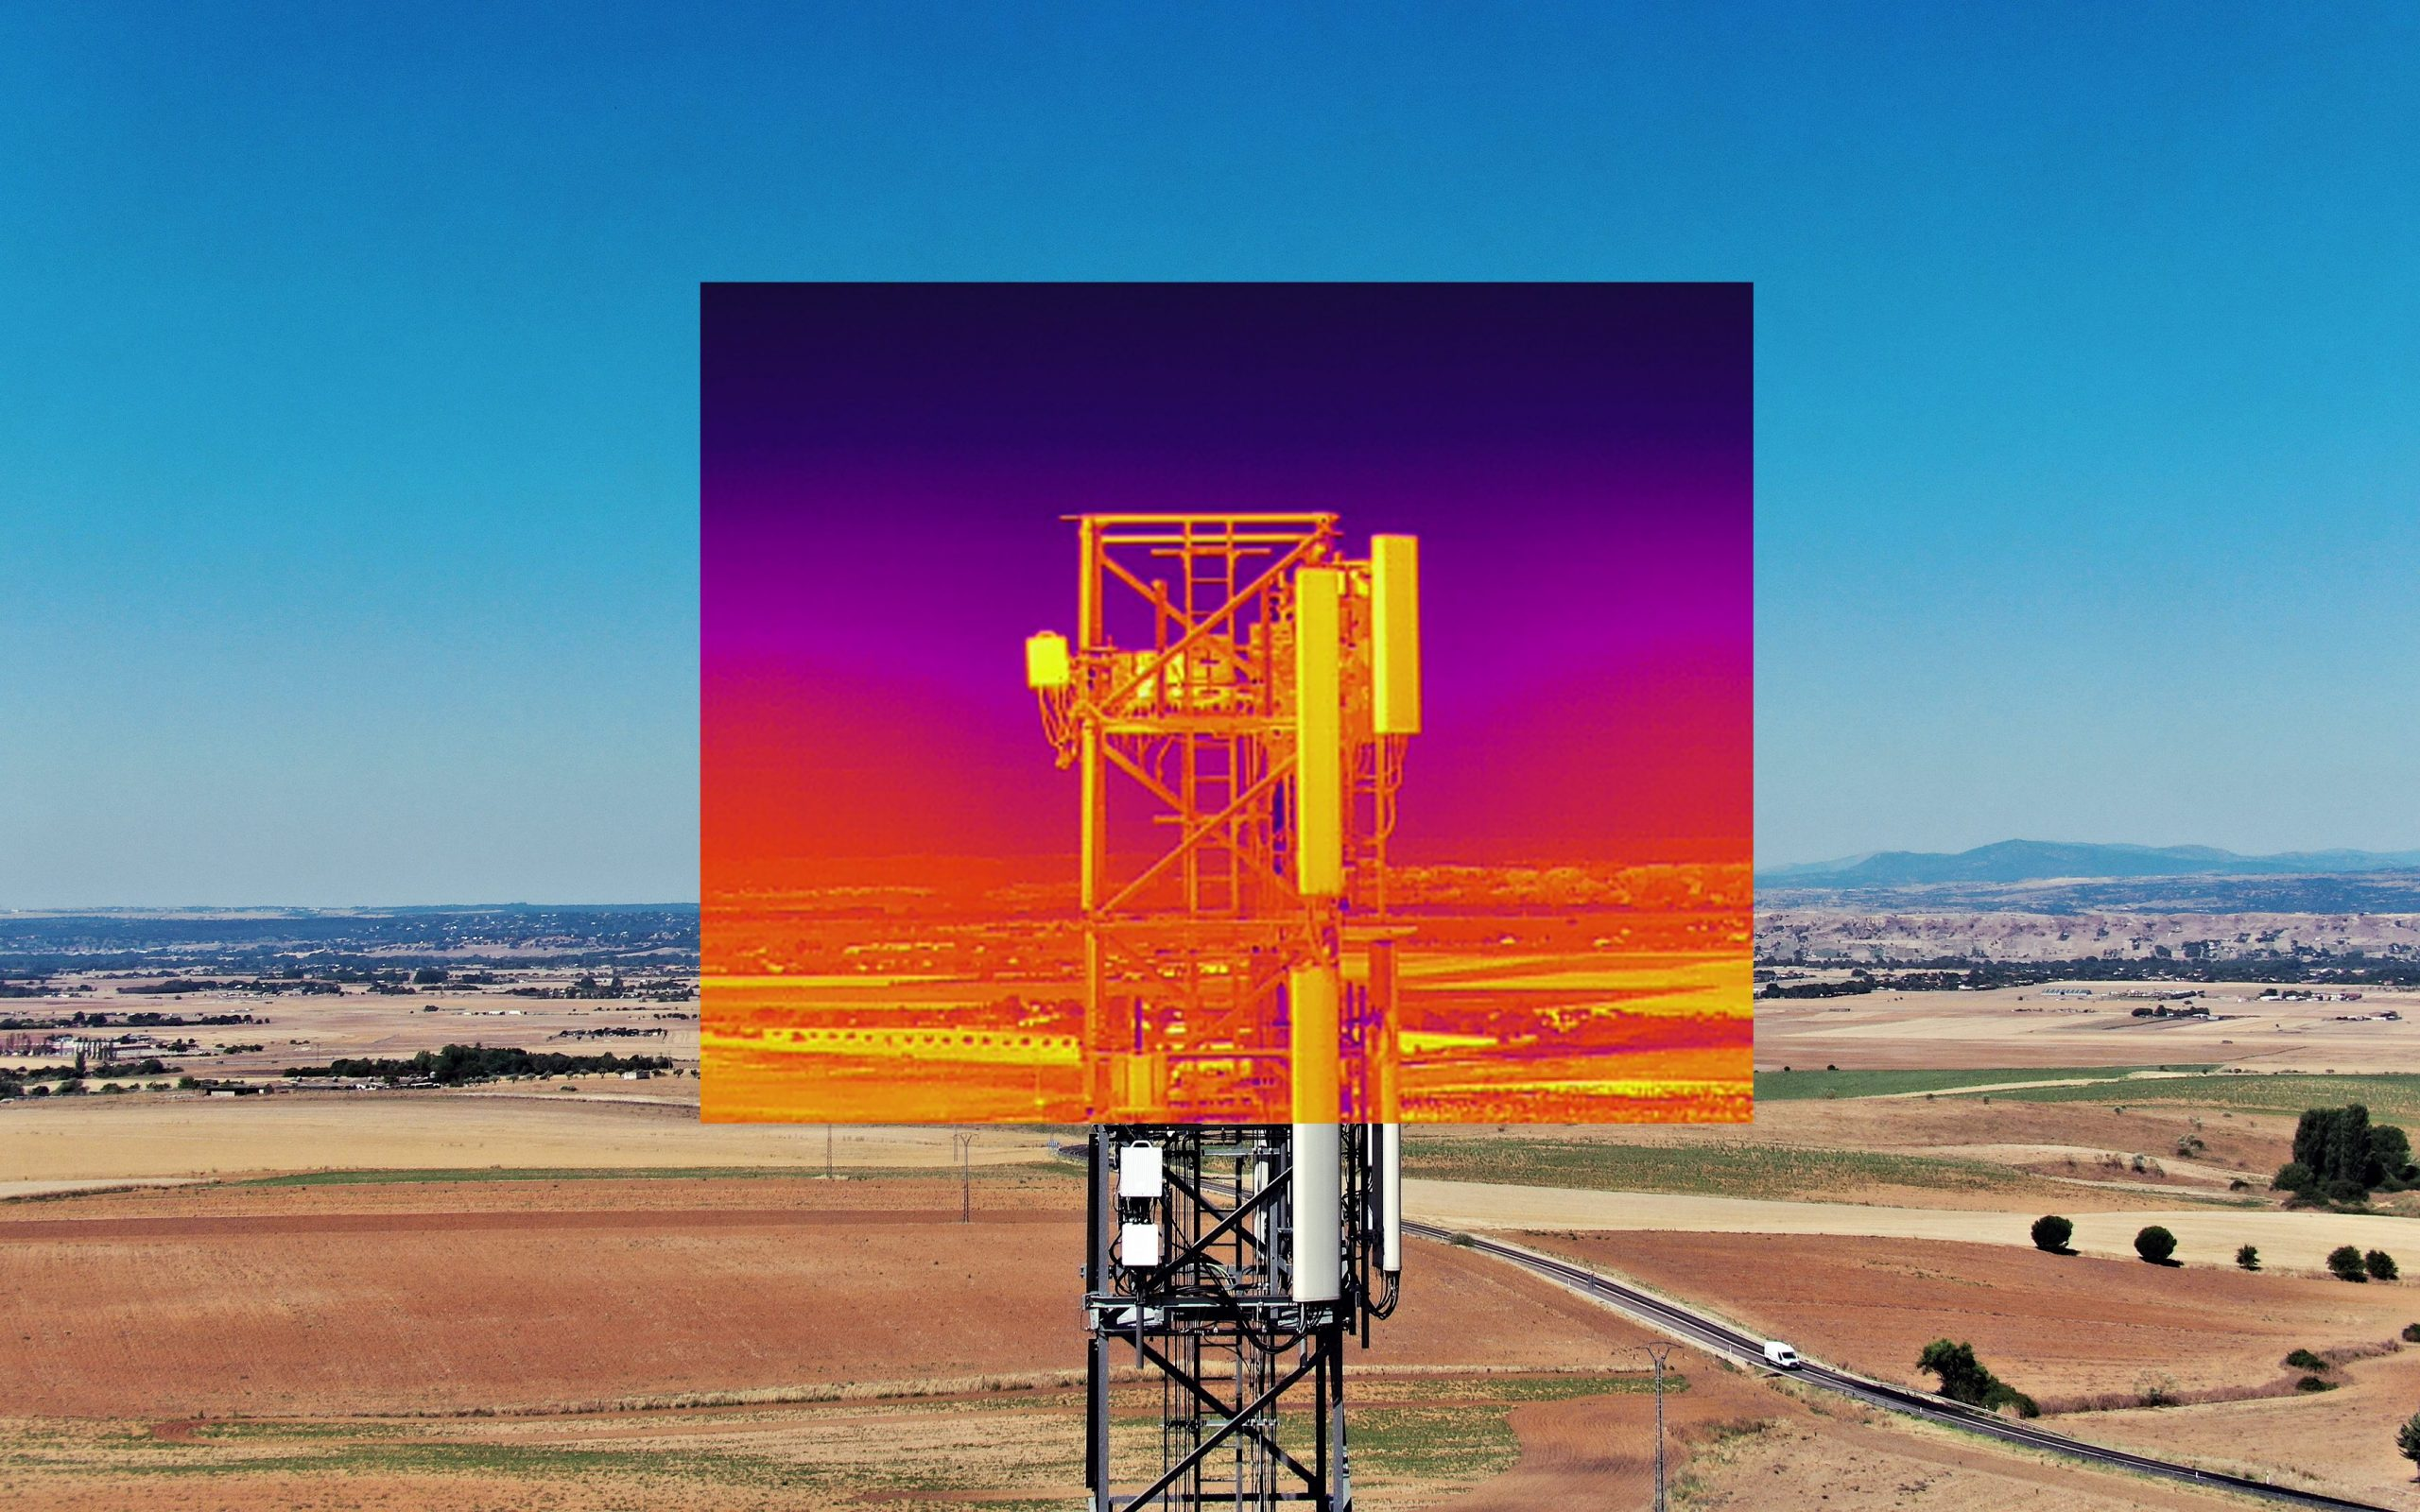 Medición de temperatura con cámara termográfica en una torre de telefonía en el Casar, Guadalajara. 2020. Drone DJI Matrice 300 RTK. ©Arialtech